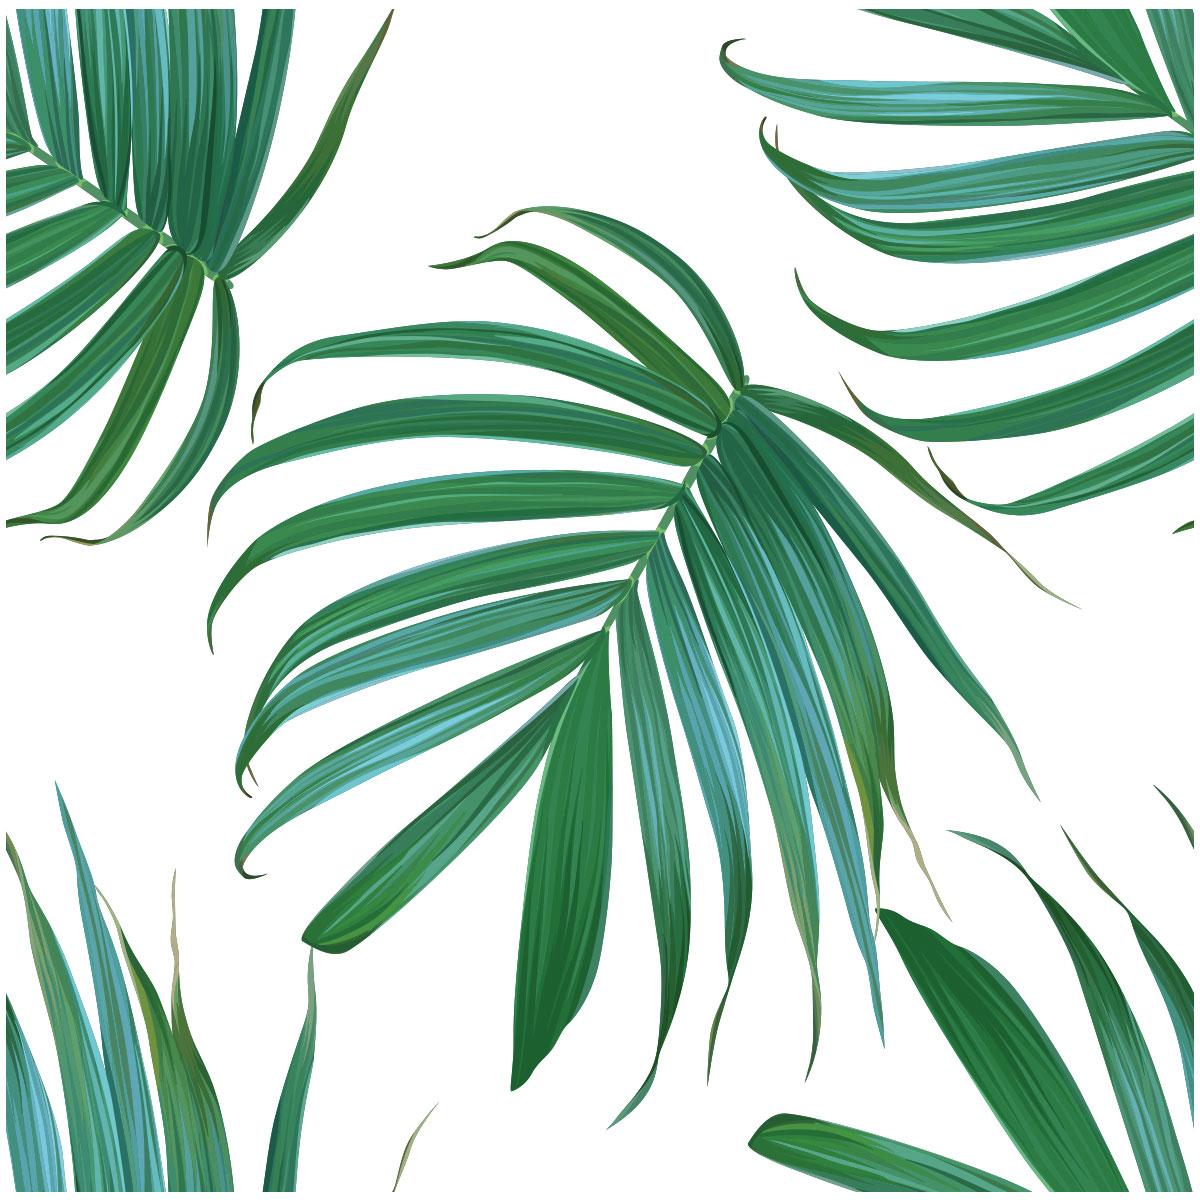 Iphone X Frame Wallpaper Sticker Tapisserie Tropicale Feuilles De Palmiers Nature